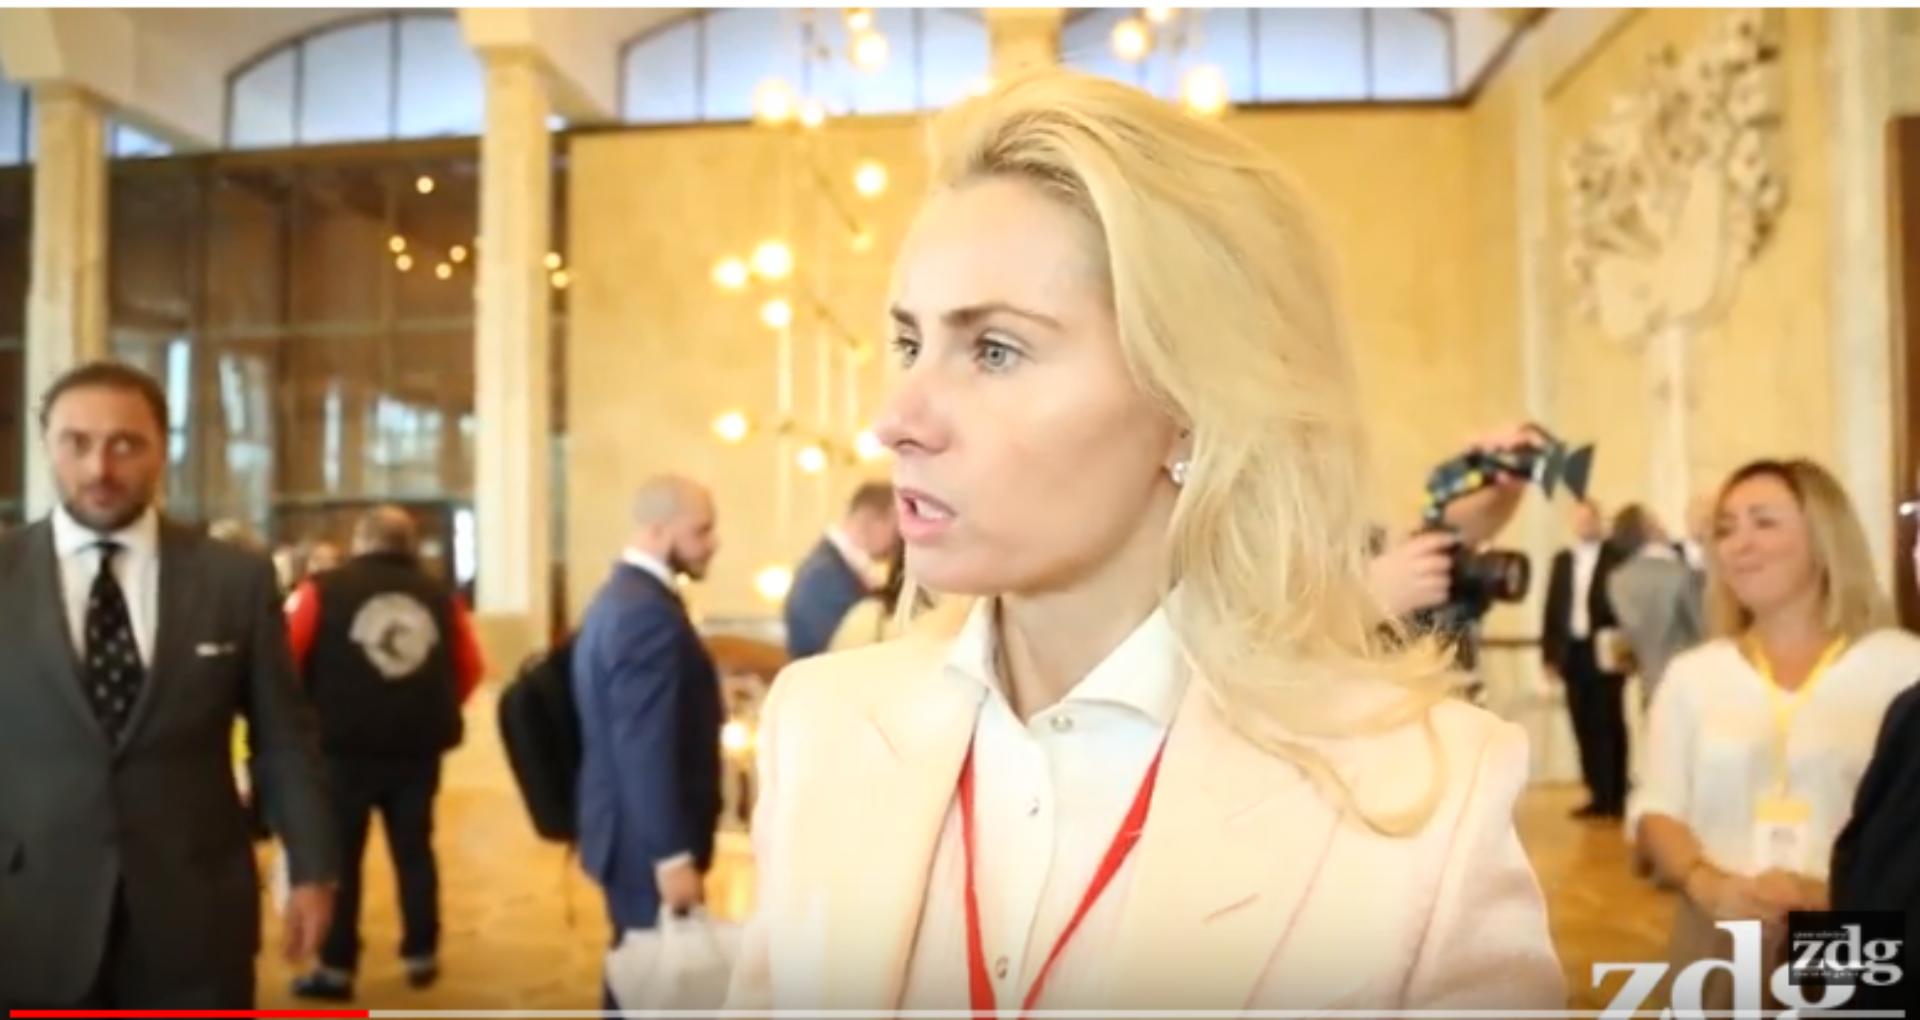 (VIDEO) Directoarea unui fond rus, căruia Ucraina i-a impus sancțiuni, prezentă la CMF, organizat sub egida lui Dodon